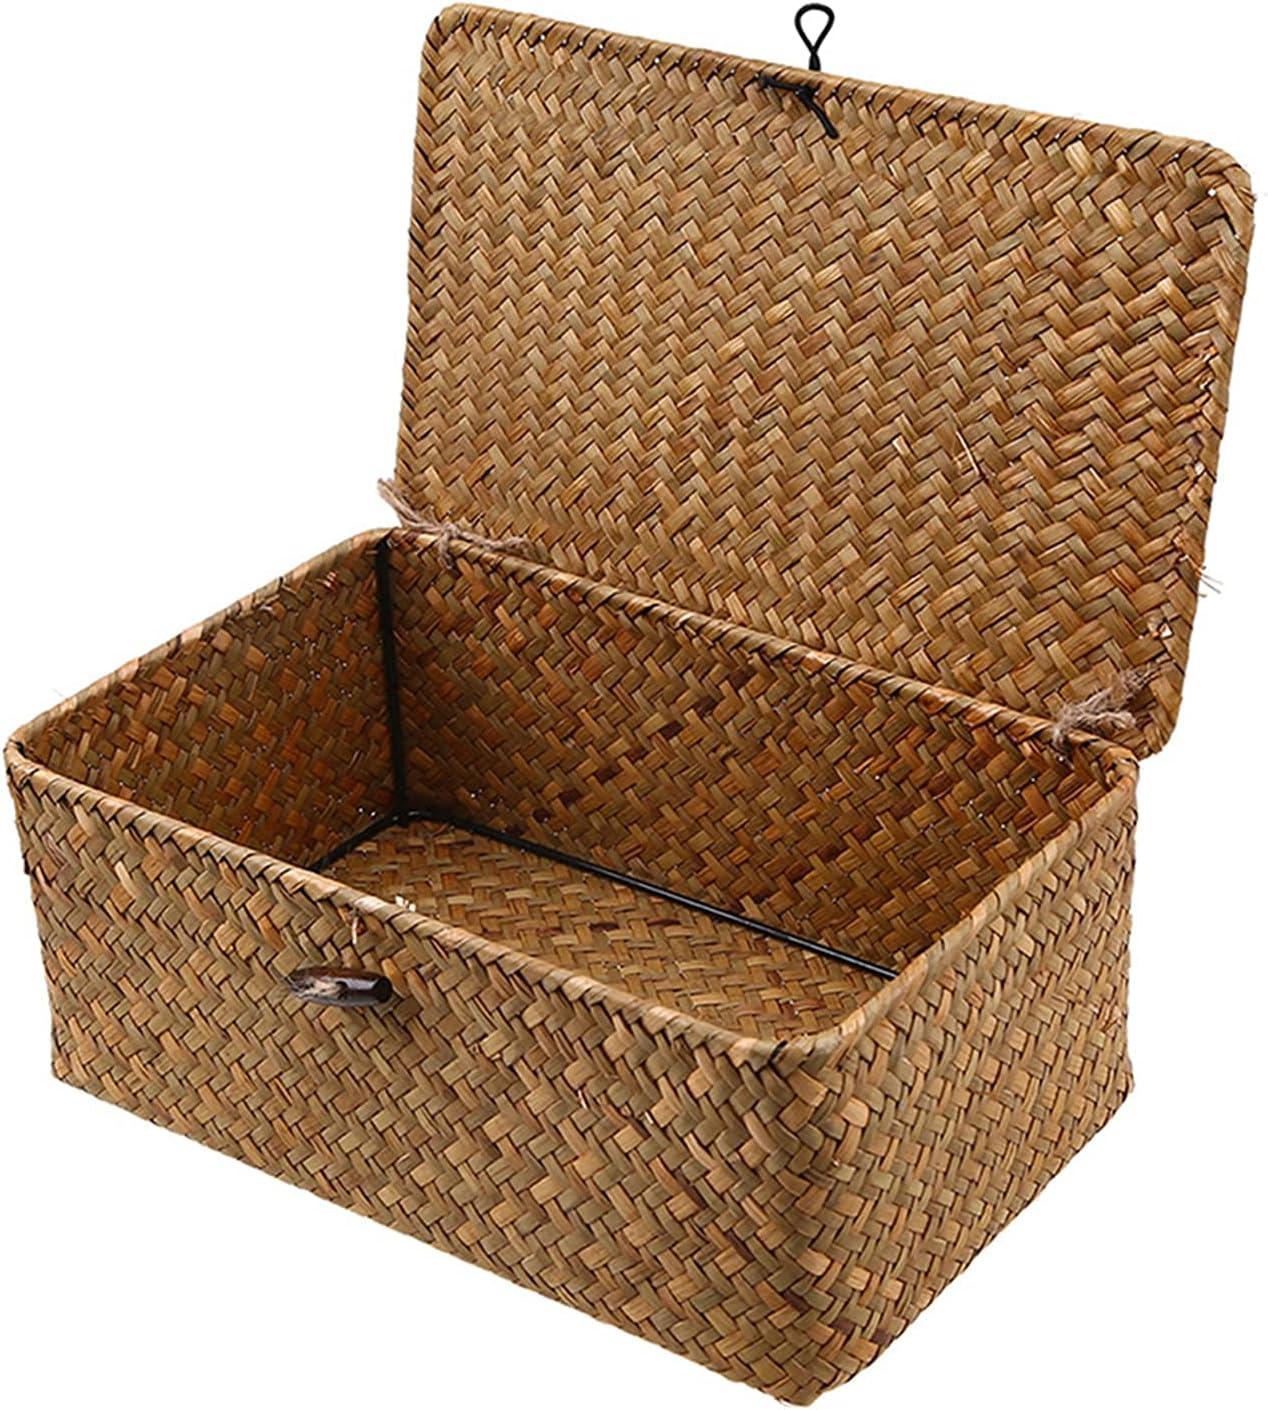 IHONYI Cesta de almacenamiento con tapa, cesta de almacenamiento trenzada a mano, cesta de mimbre natural, multiusos, para baño, cocina, organizador del hogar (mediano)